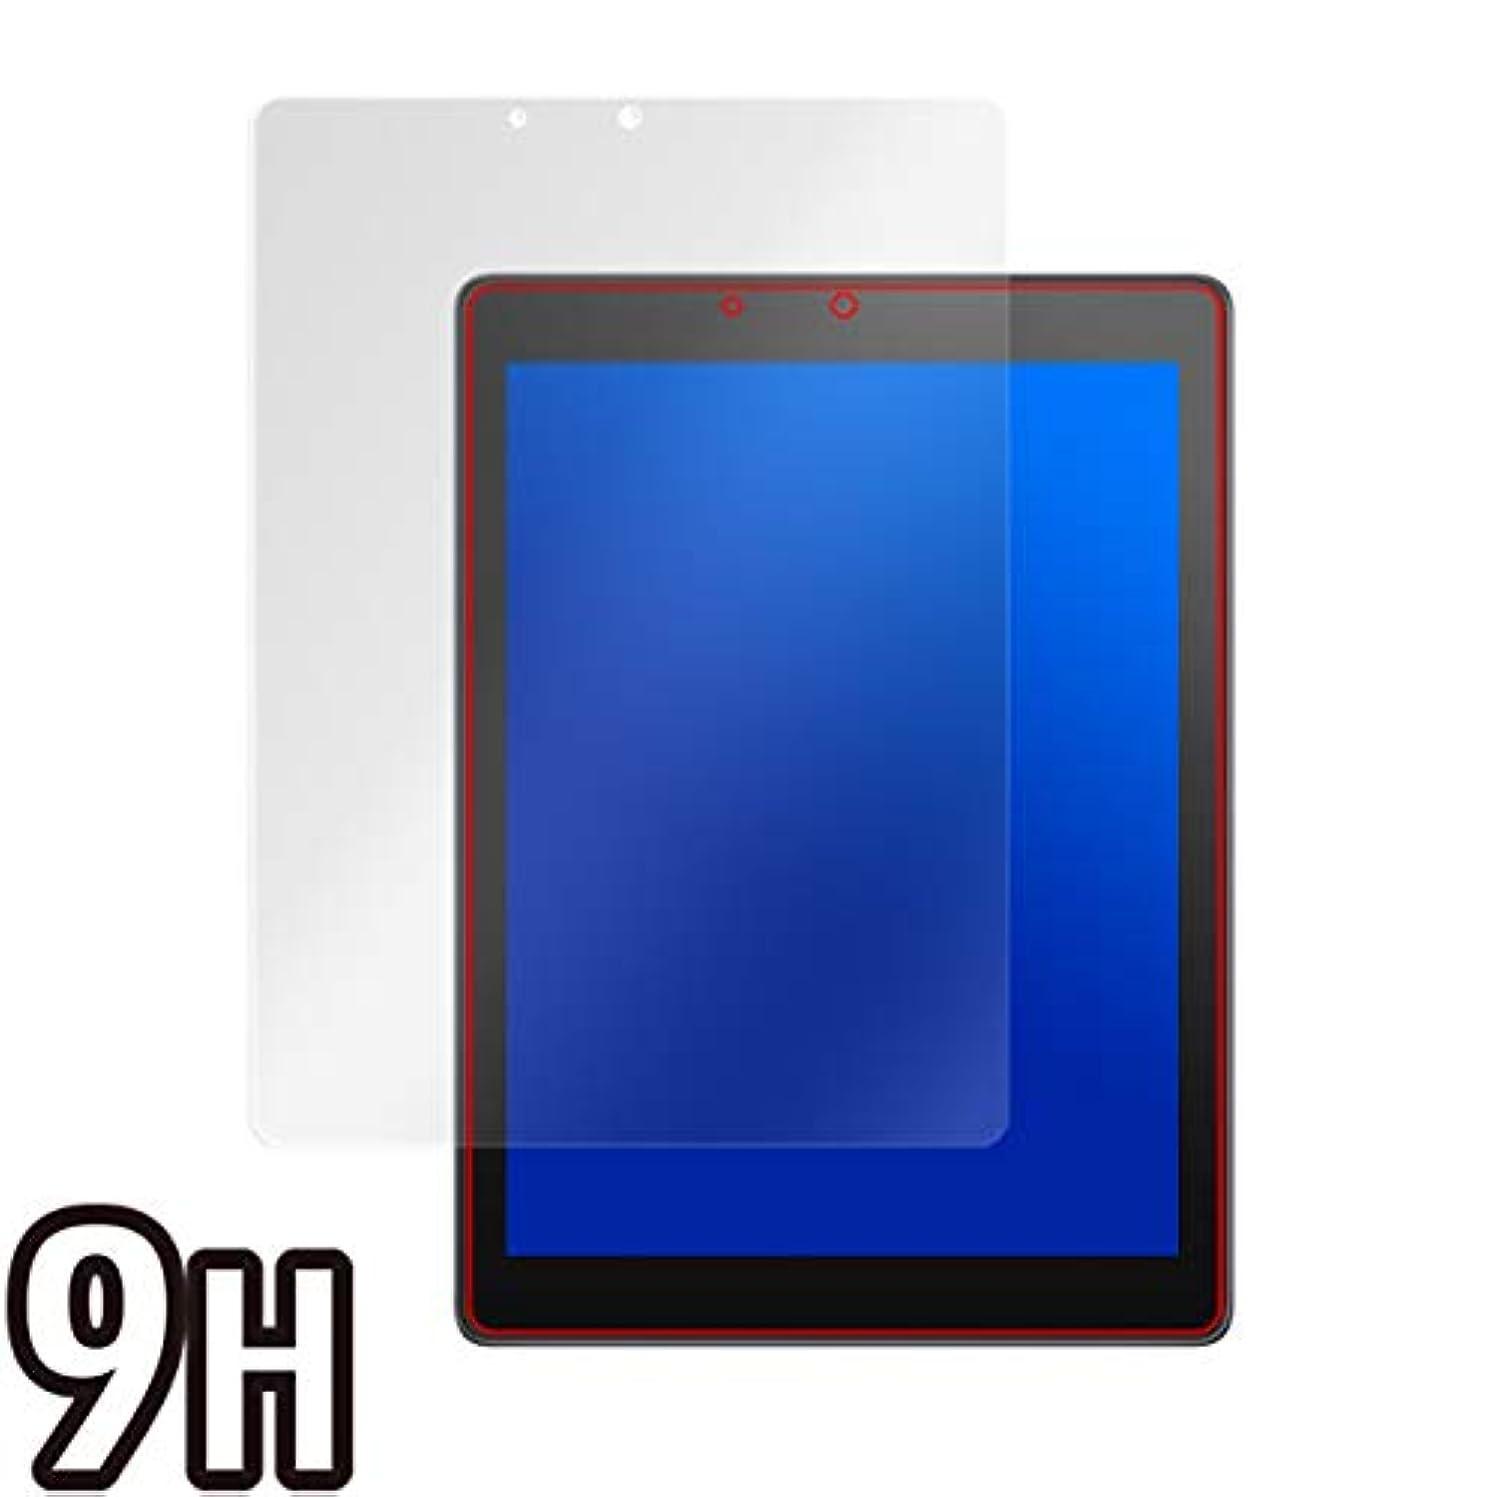 悪夢素晴らしさ管理するPET製フィルム 強化ガラス同等の硬度 高硬度9H素材採用 ASUS Chromebook Tablet CT100PA 用 日本製 反射防止液晶保護フィルム OverLay Plus 9H O9HLASUSCT100PA/2